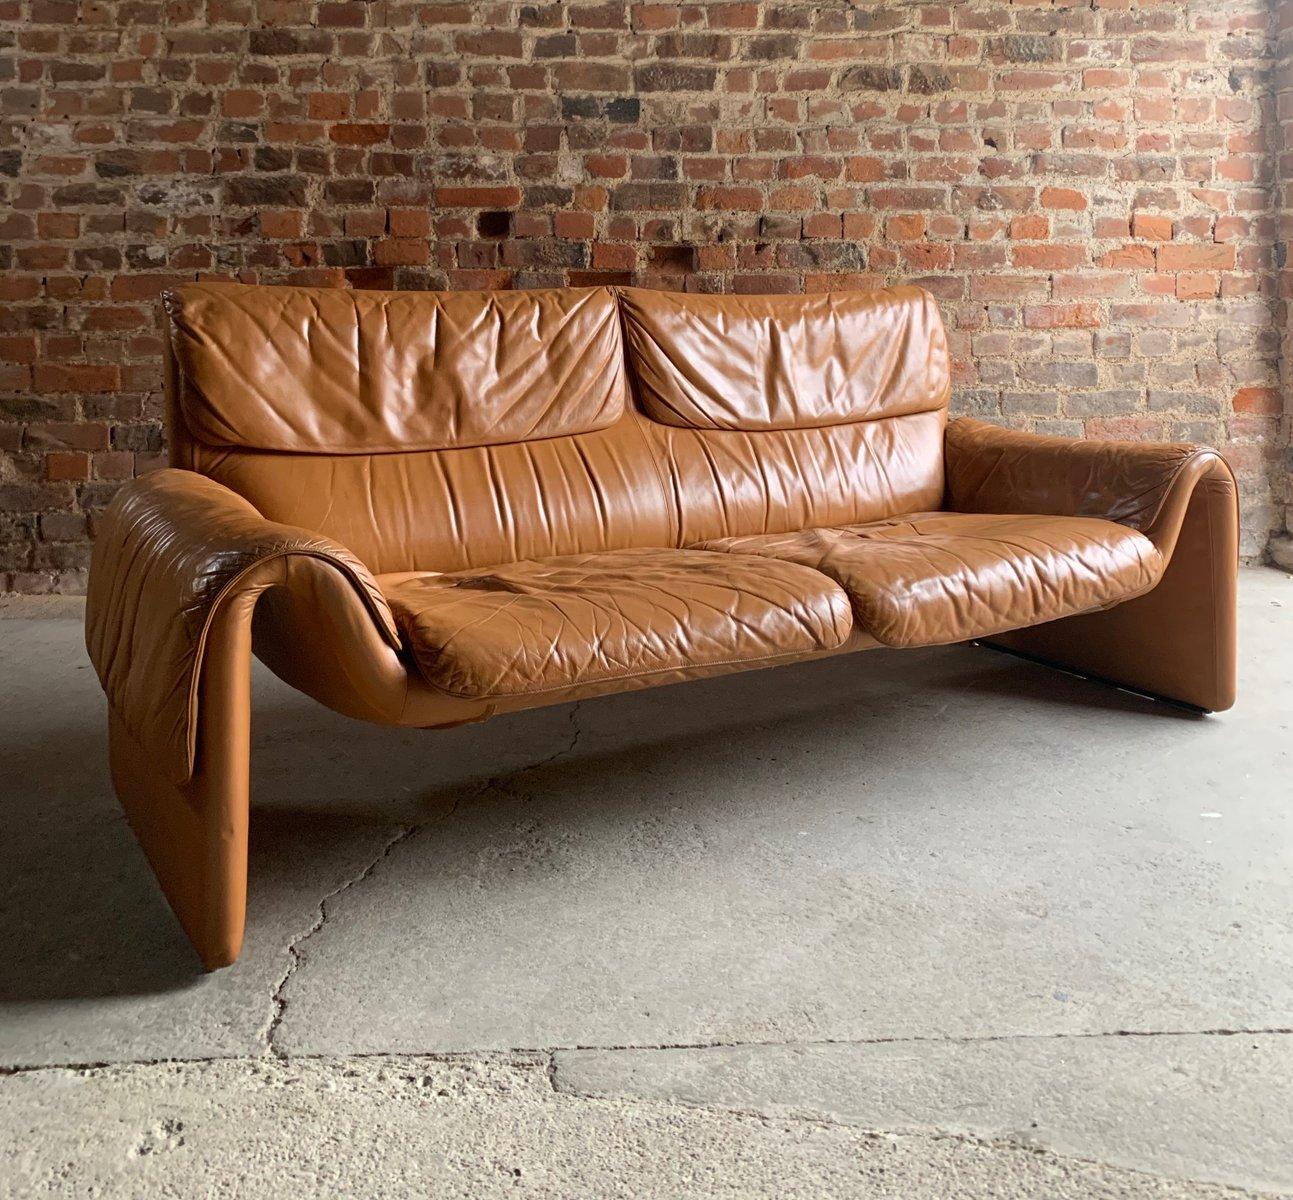 canap ds2011 en cuir cognac de de sede 1980s en vente. Black Bedroom Furniture Sets. Home Design Ideas